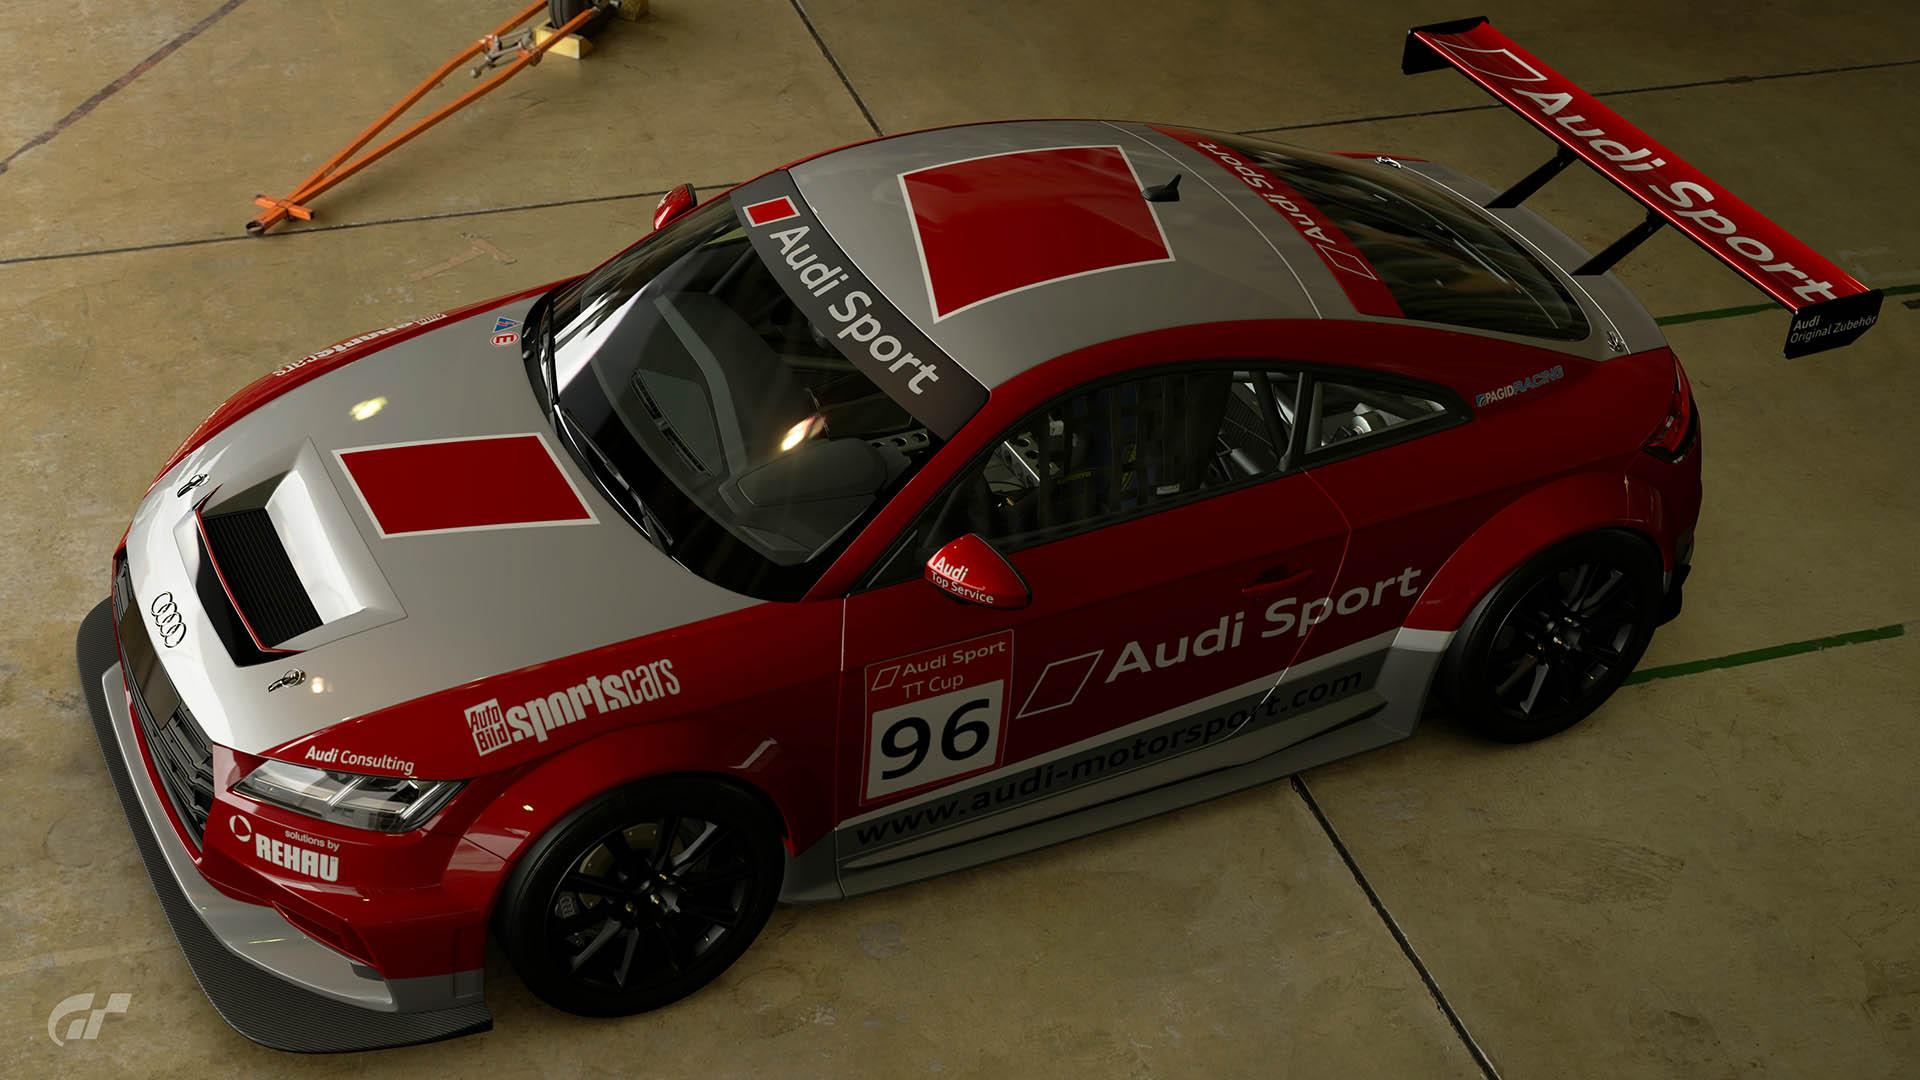 2015 Audi TT Cup #96 Guest Car